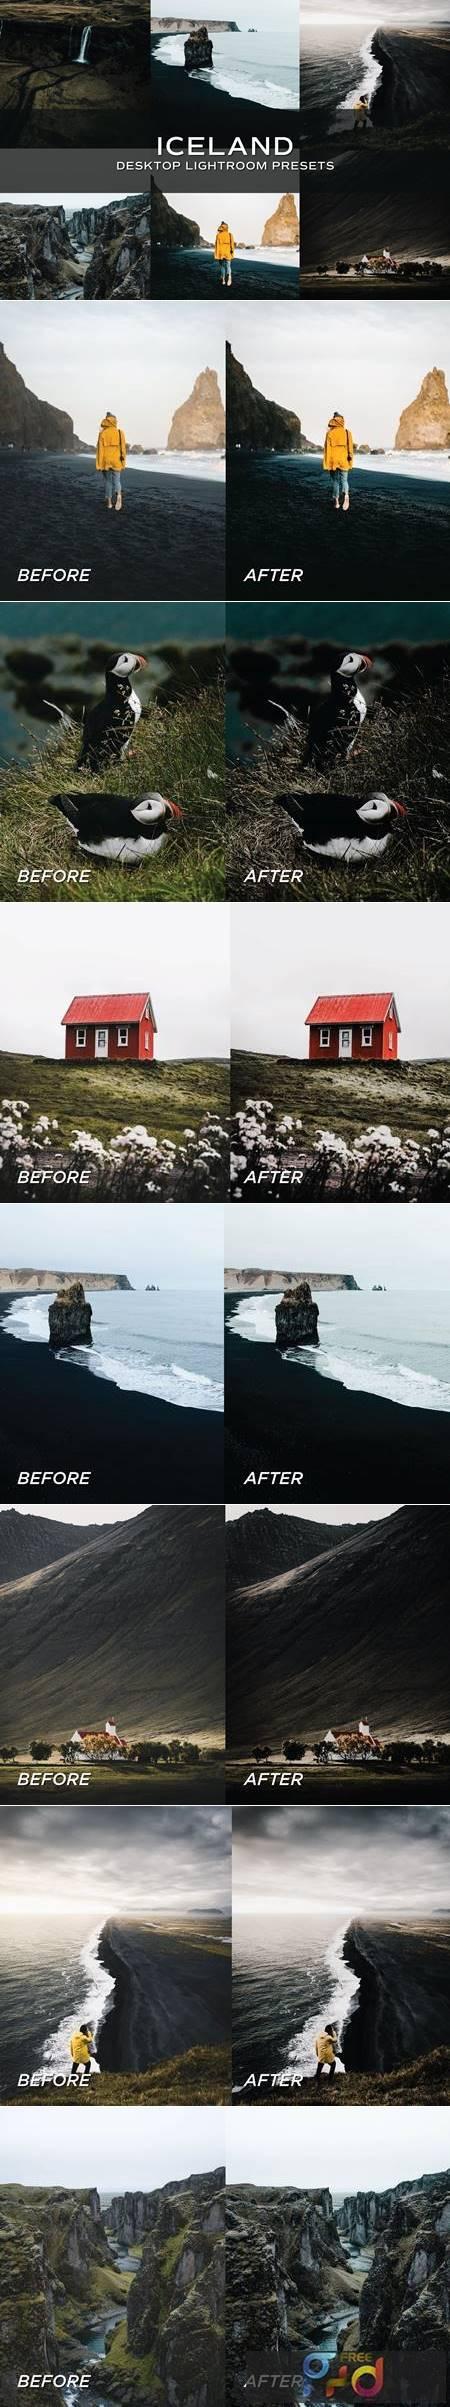 5 Iceland Lightroom Presets 5699064 1